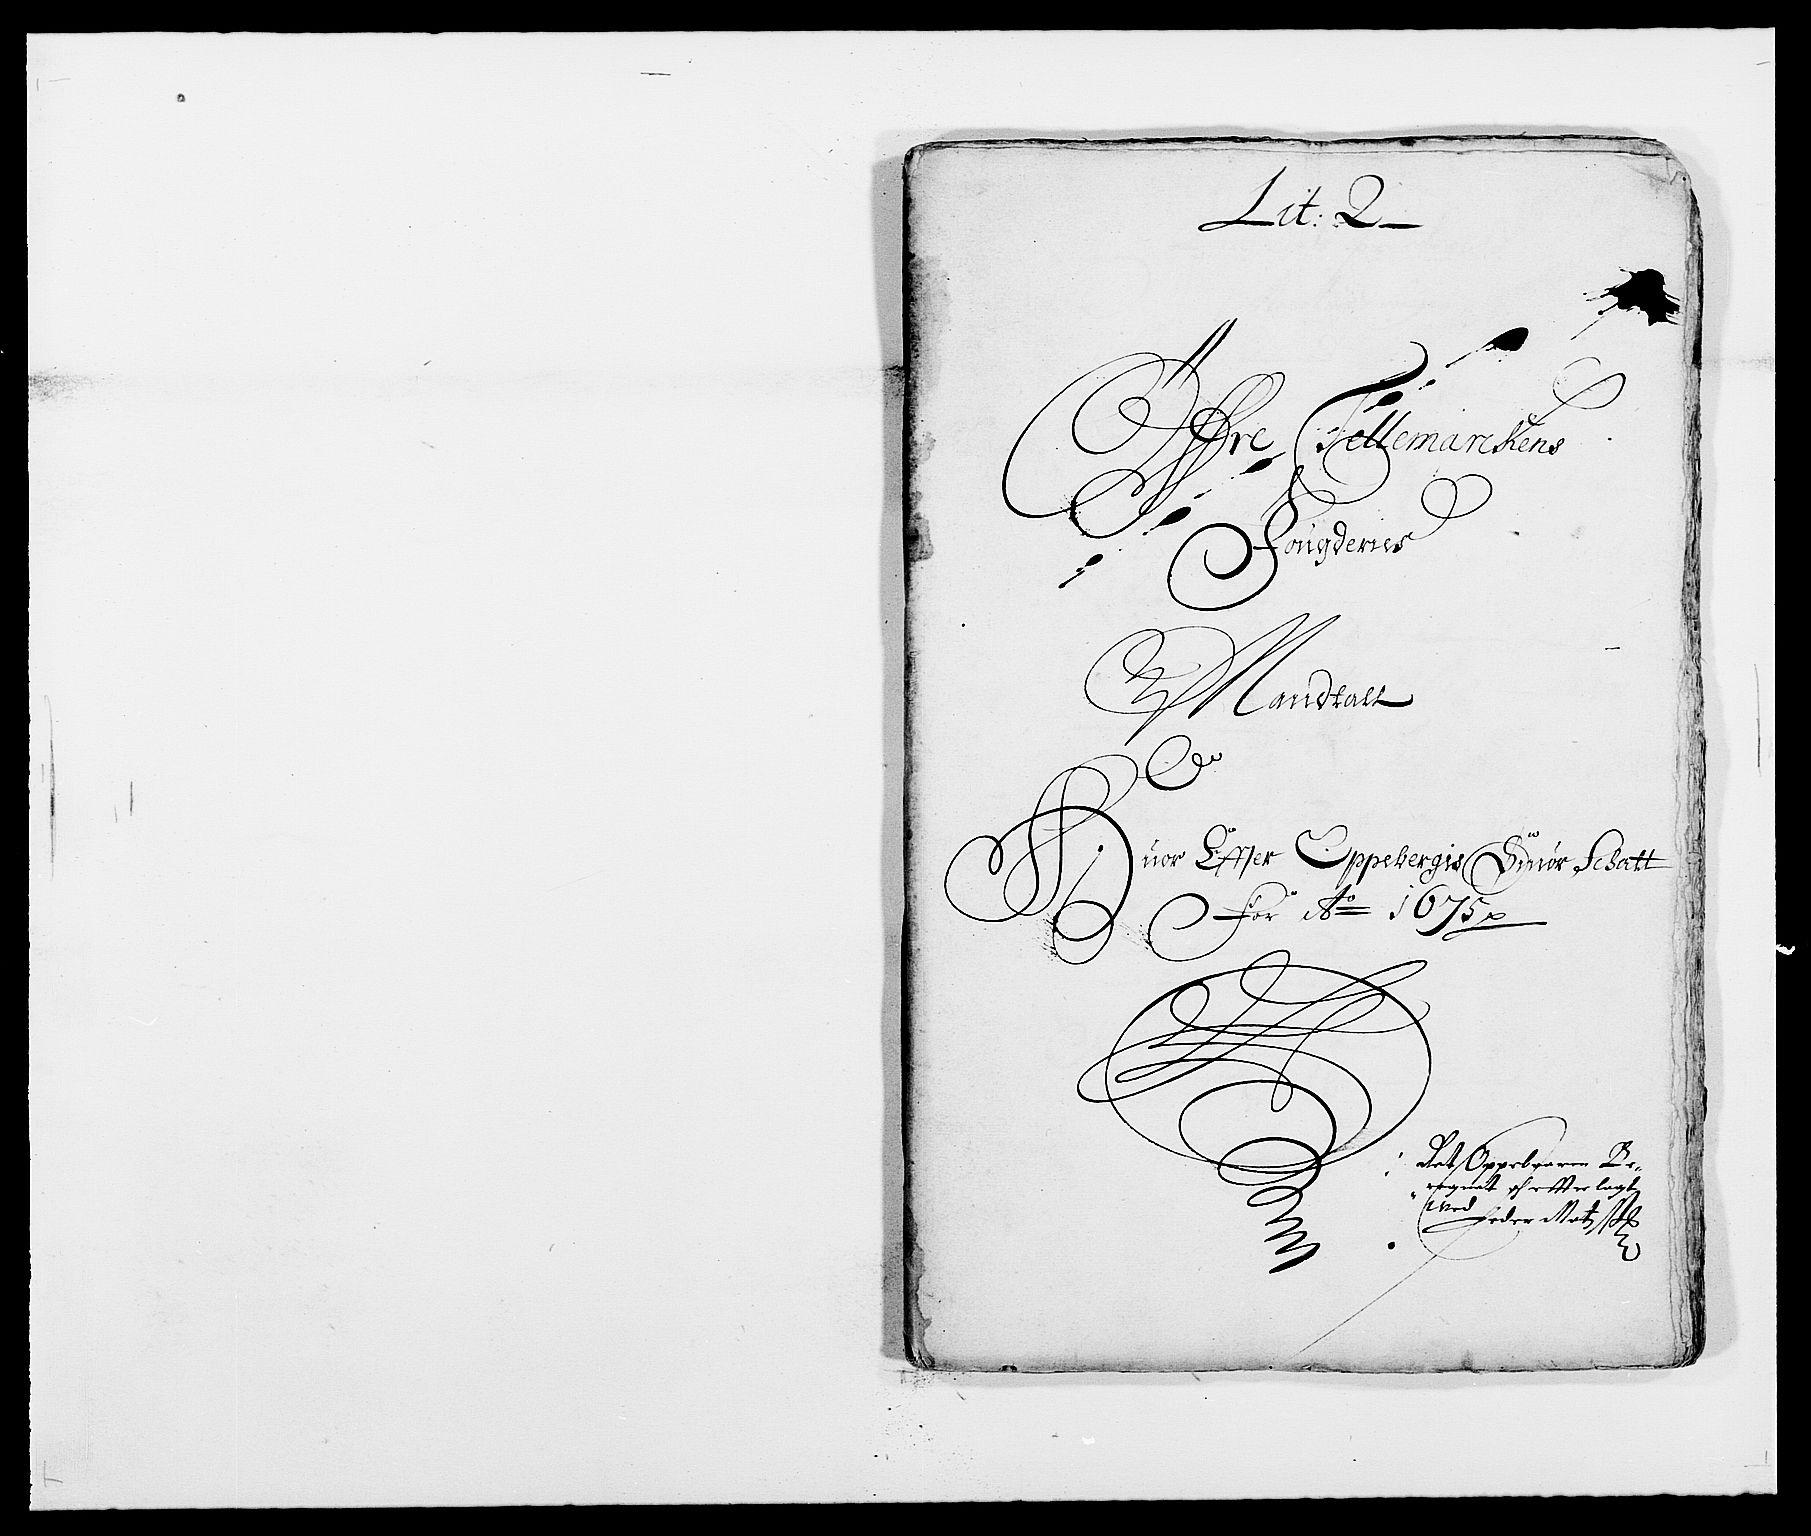 RA, Rentekammeret inntil 1814, Reviderte regnskaper, Fogderegnskap, R35/L2064: Fogderegnskap Øvre og Nedre Telemark, 1675, s. 160